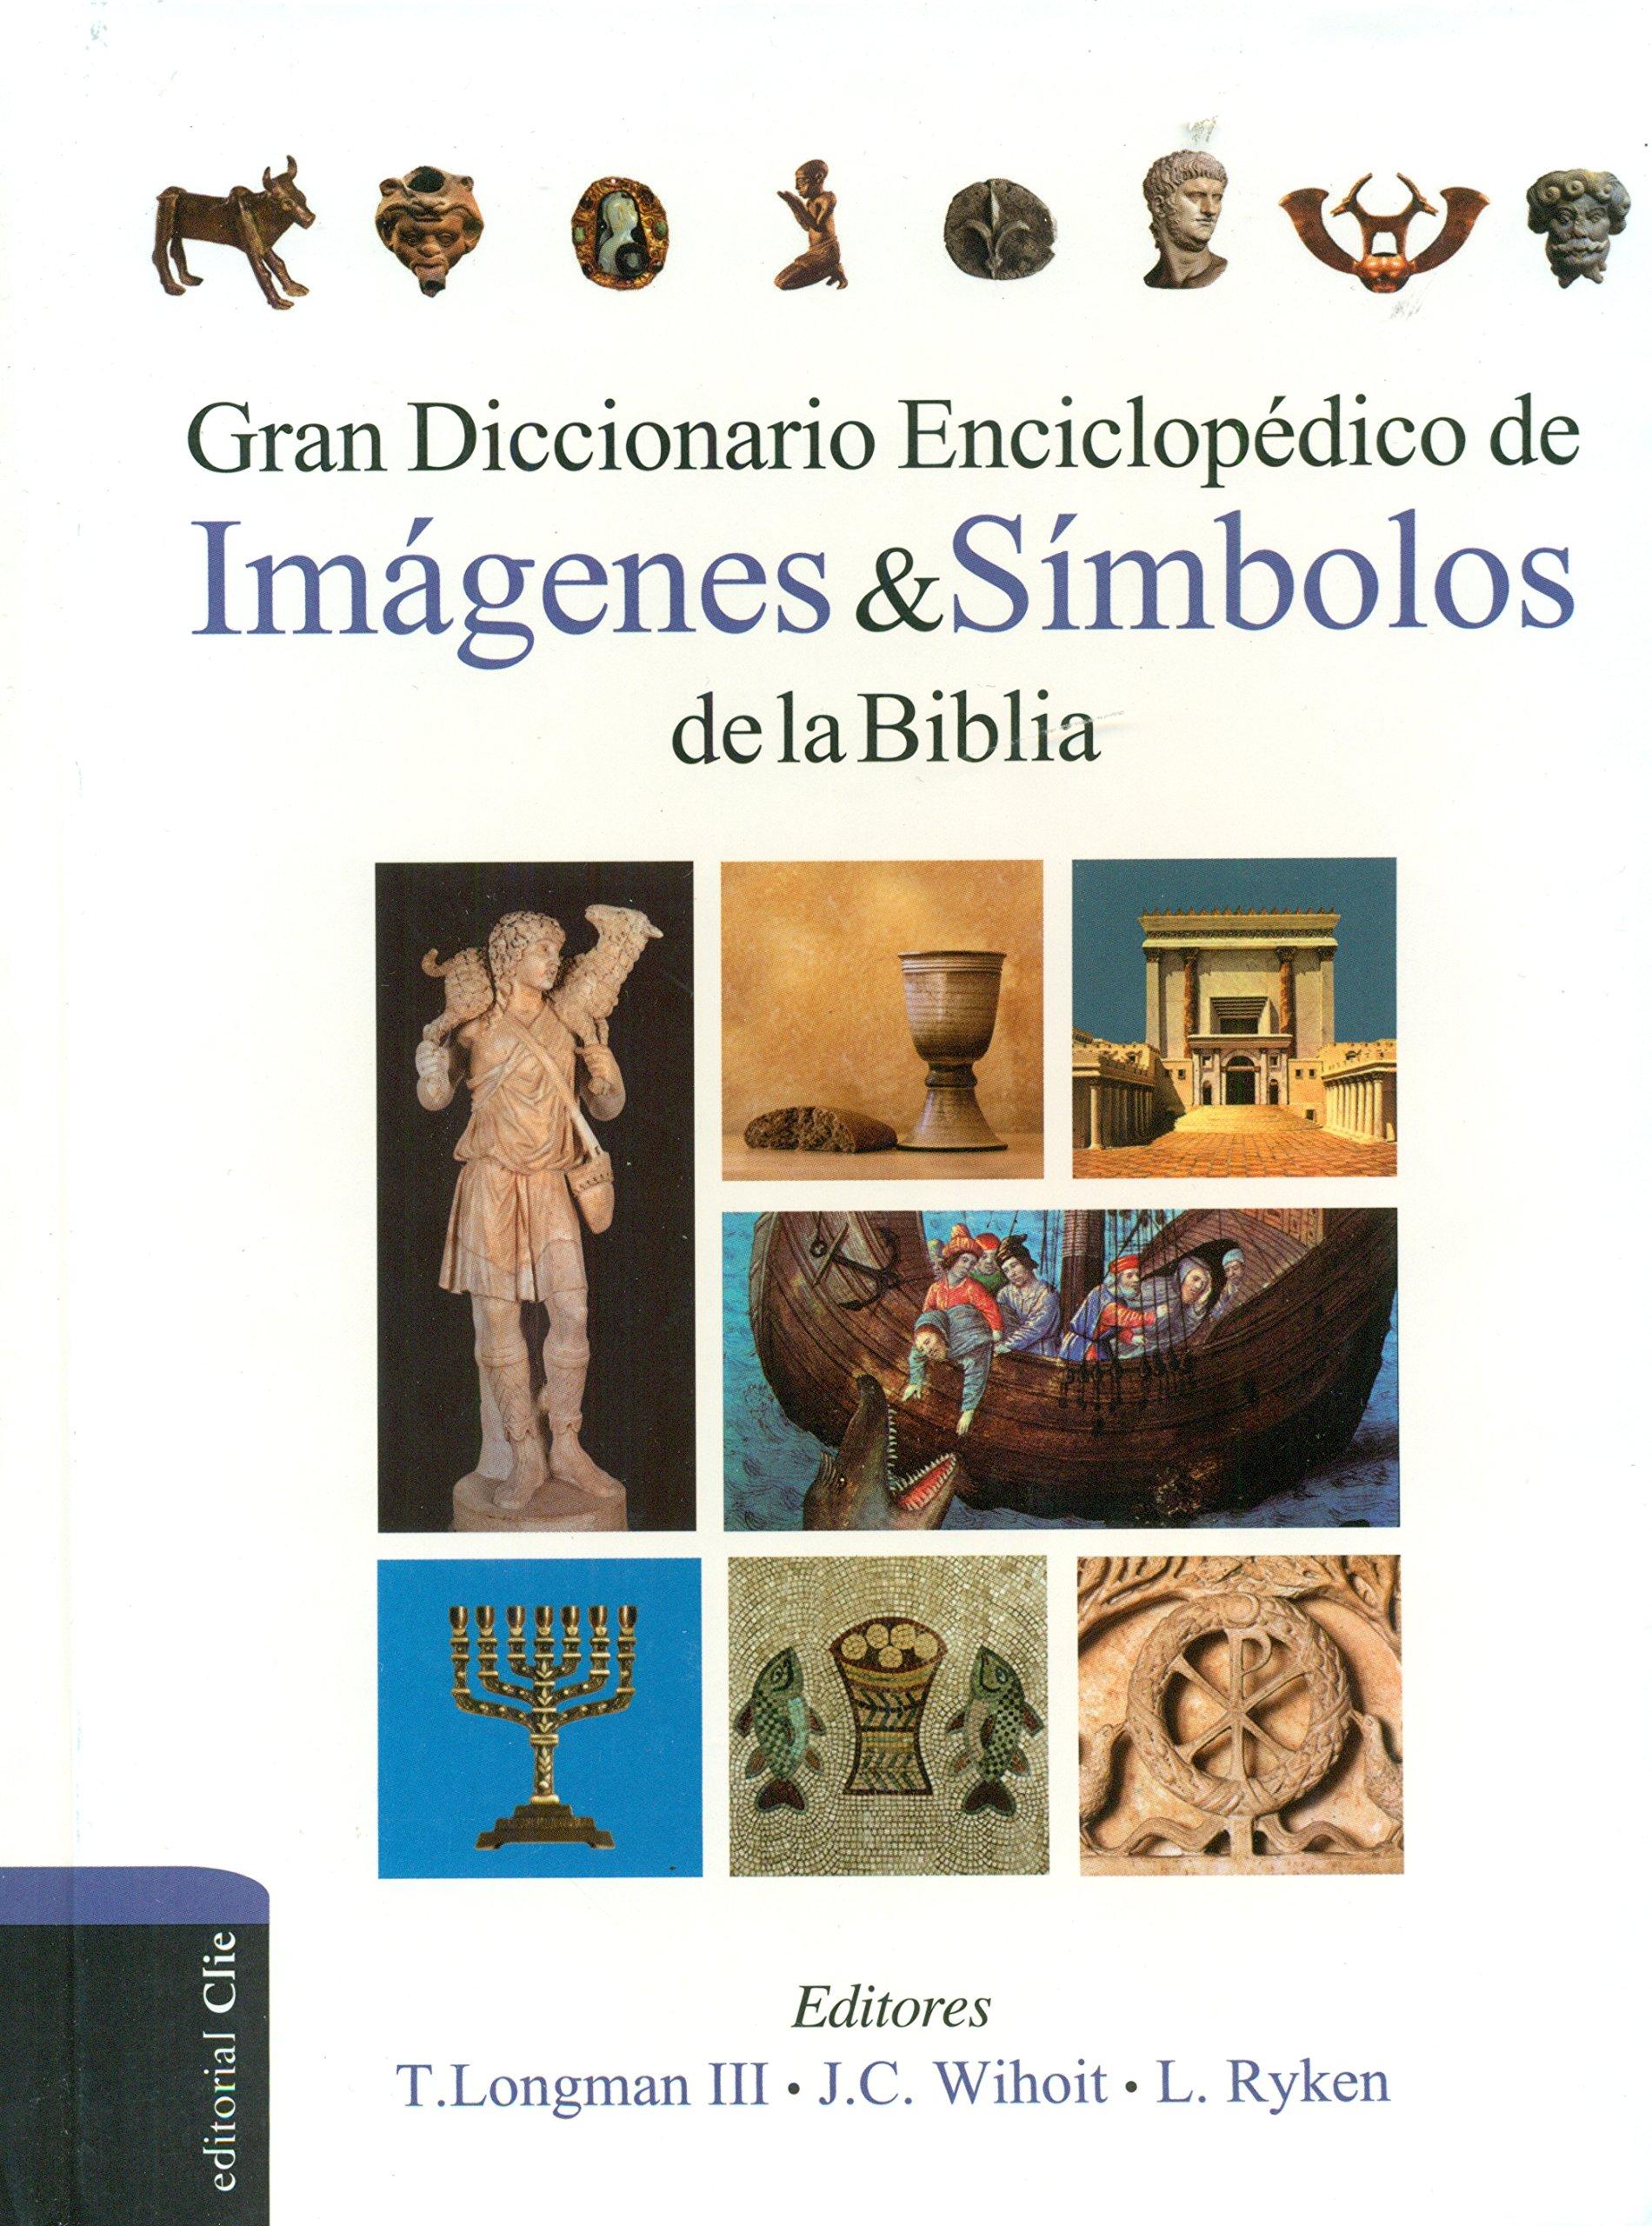 Gran diccionario enciclopédico de imágenes y símbolos de la Biblia (Spanish Edition) by Leland Ryken Tremper Longman III James C Wilhoit